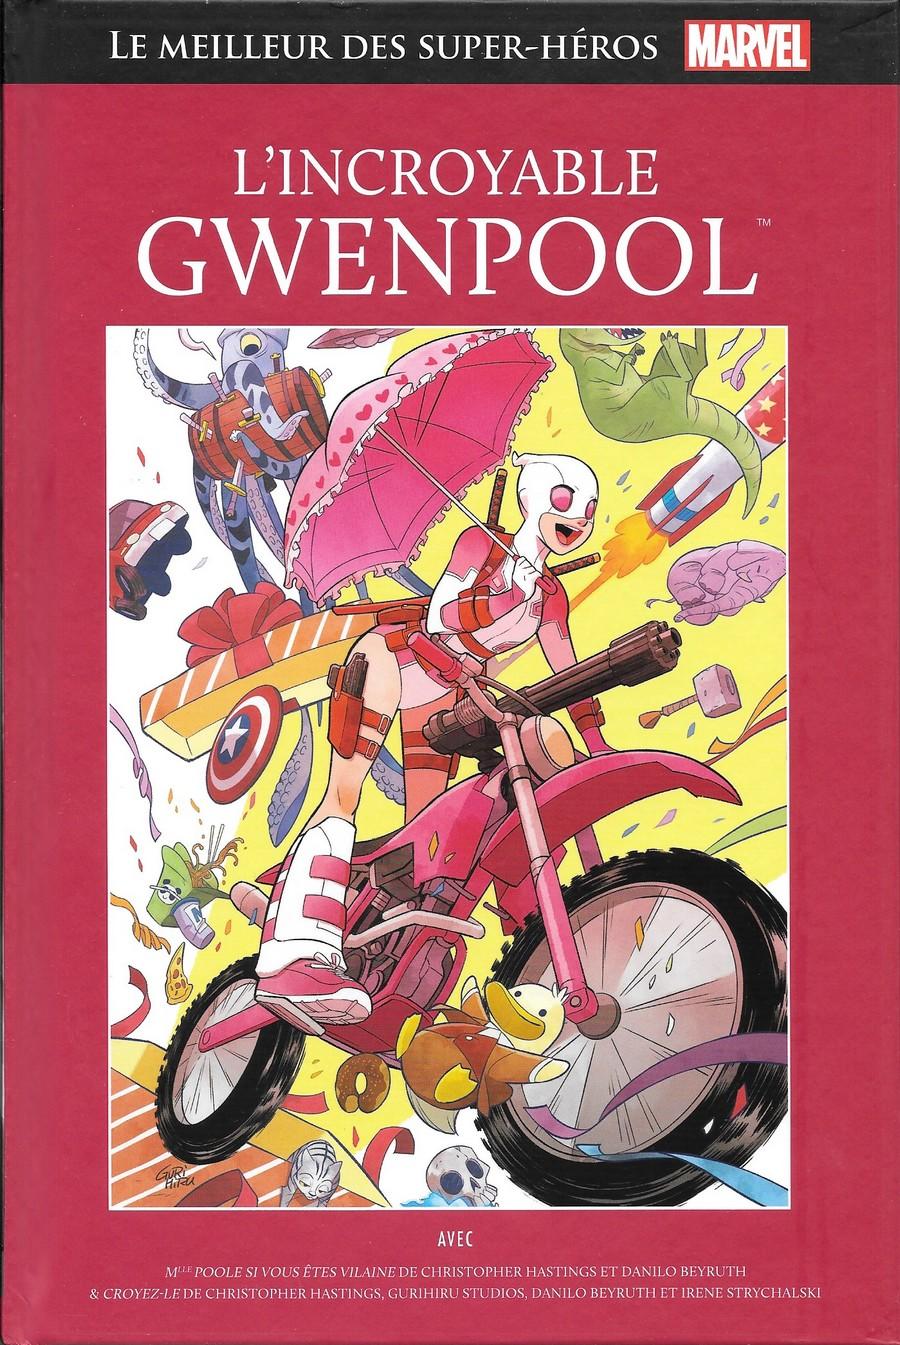 Le Meilleur des Super-Héros Marvel 115 - L'Incroyable Gwenpool